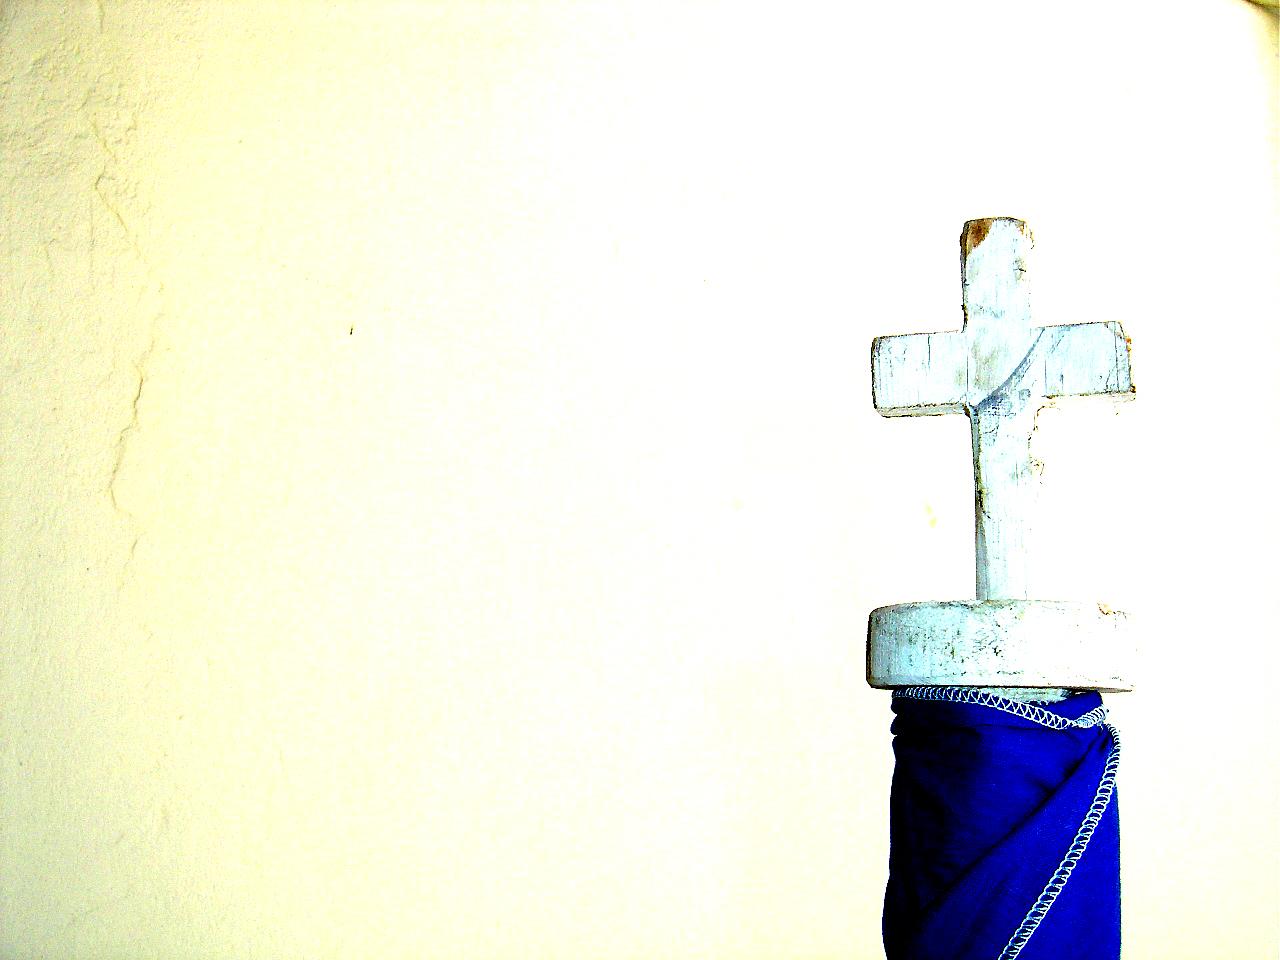 Wallpaper - Στο Σταυρό #3